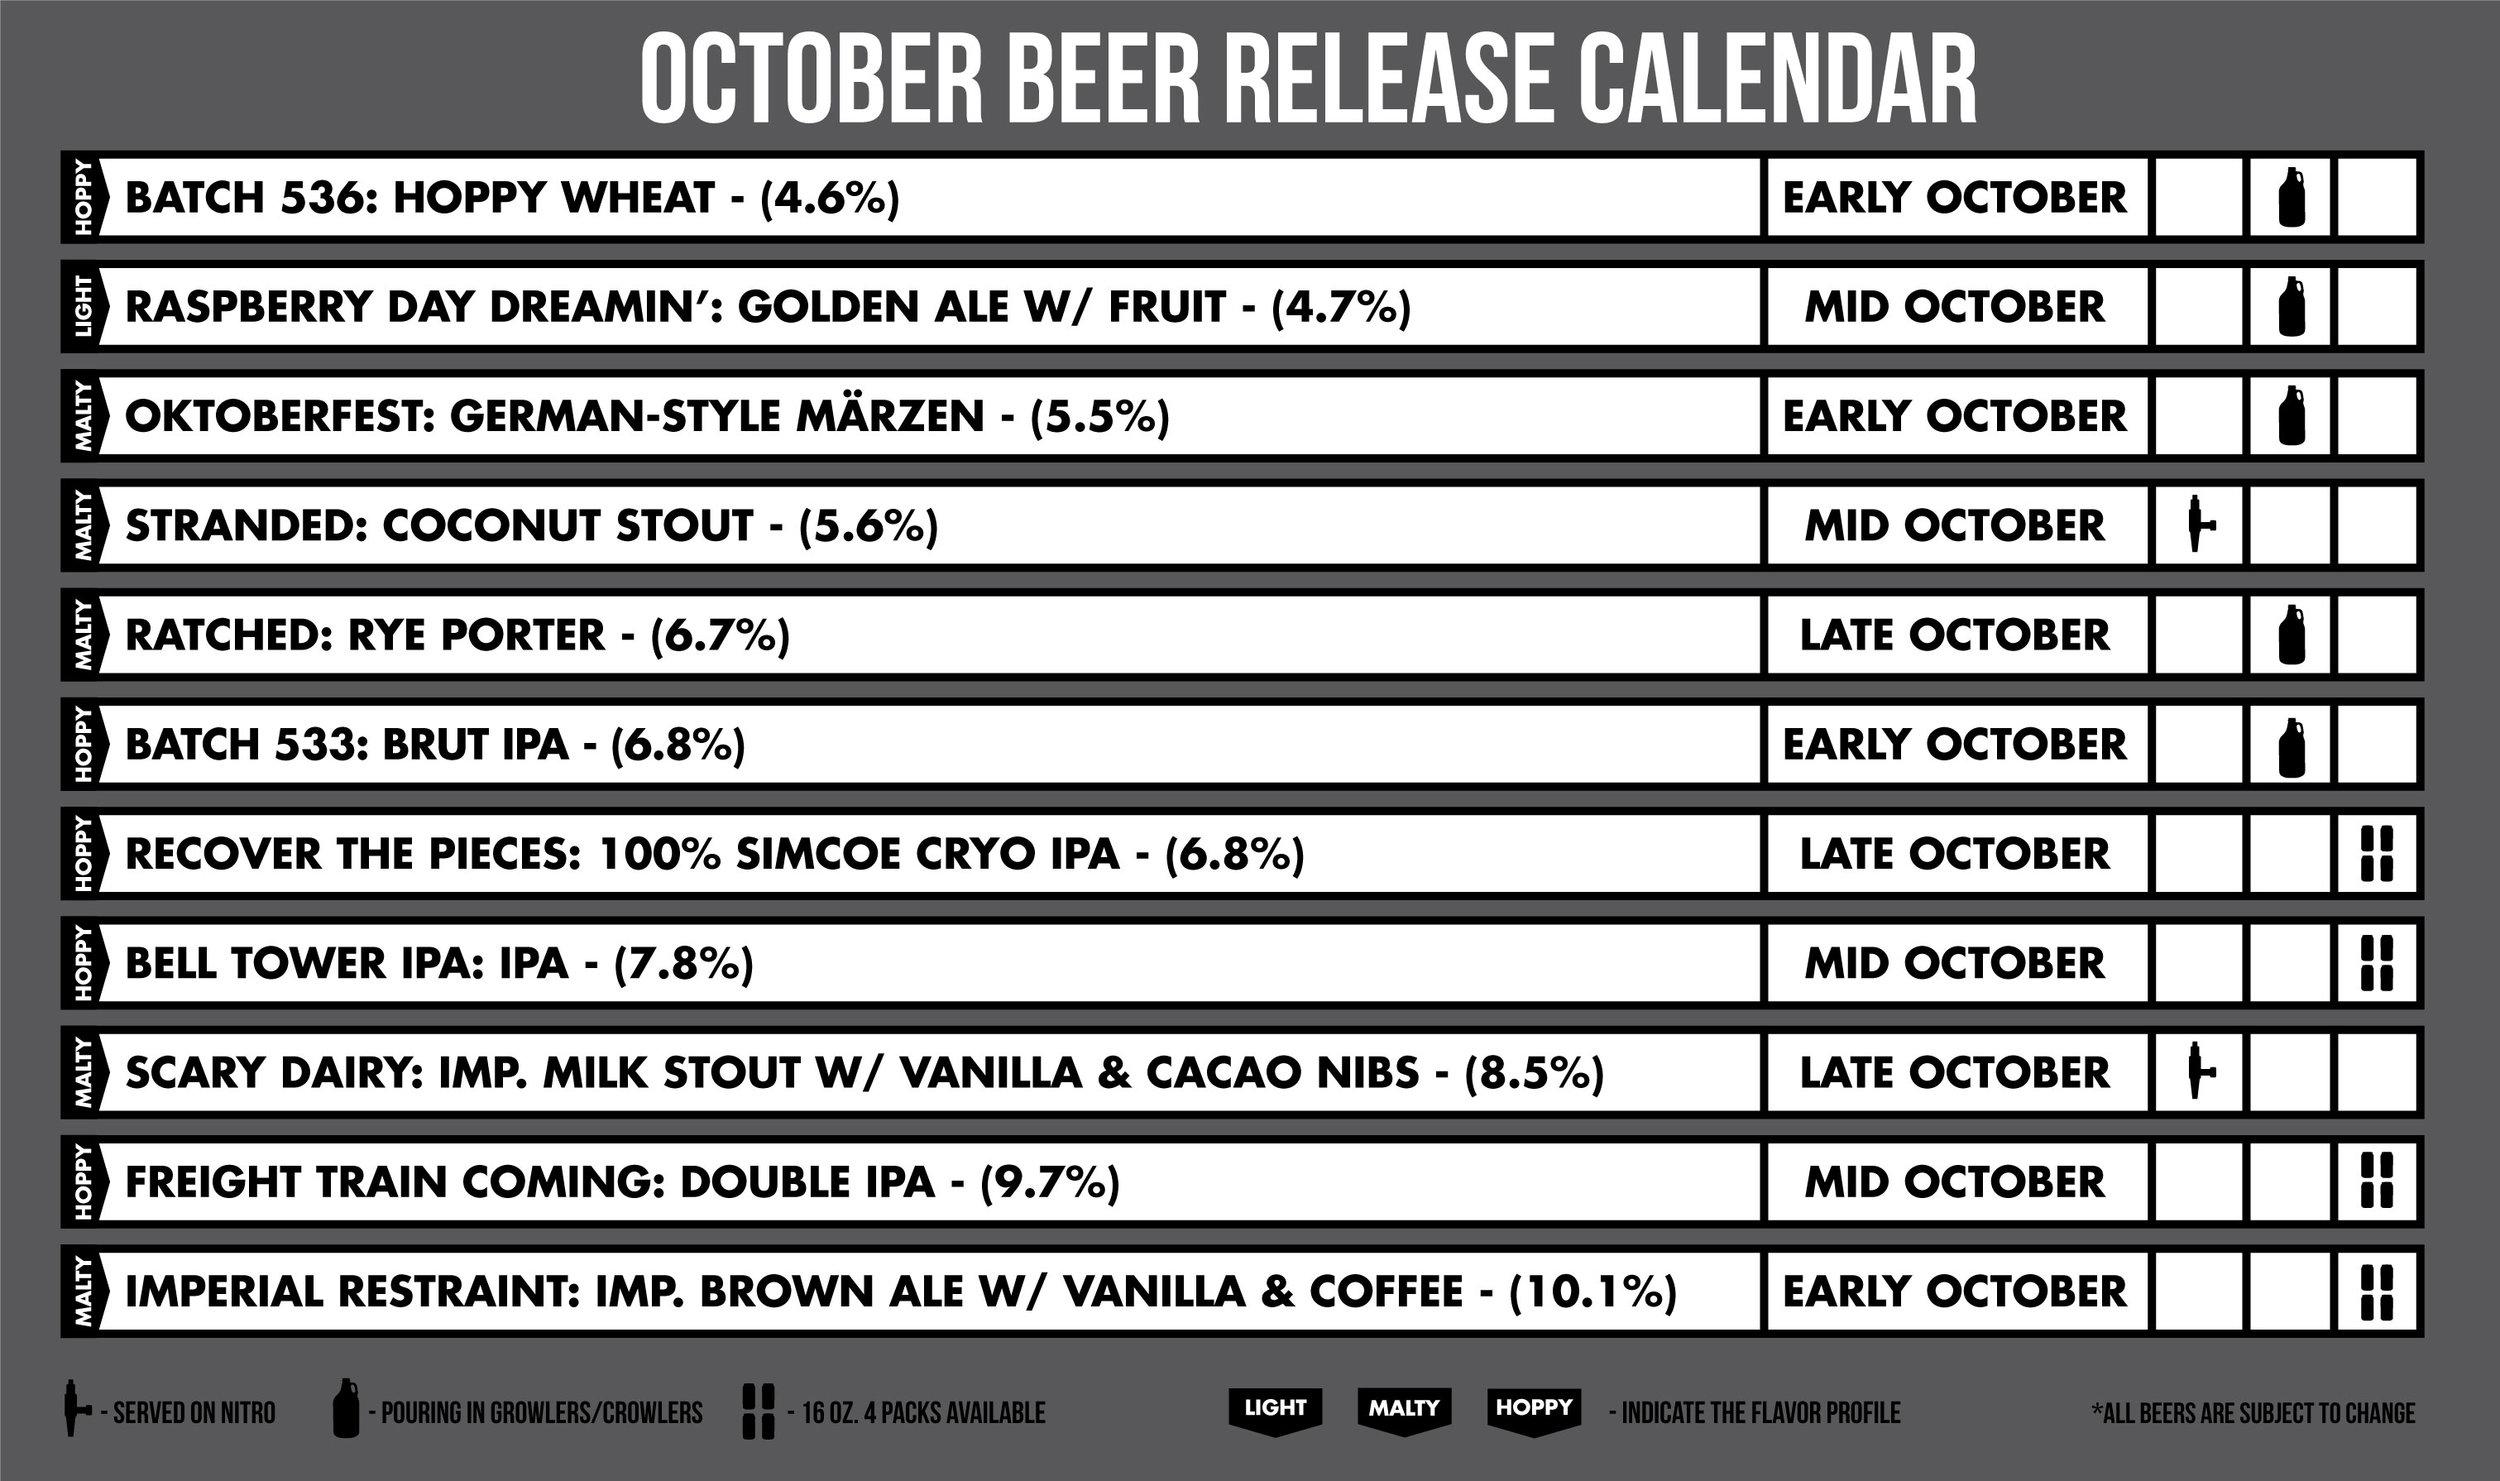 October-Beer-Release-Calendar.jpg